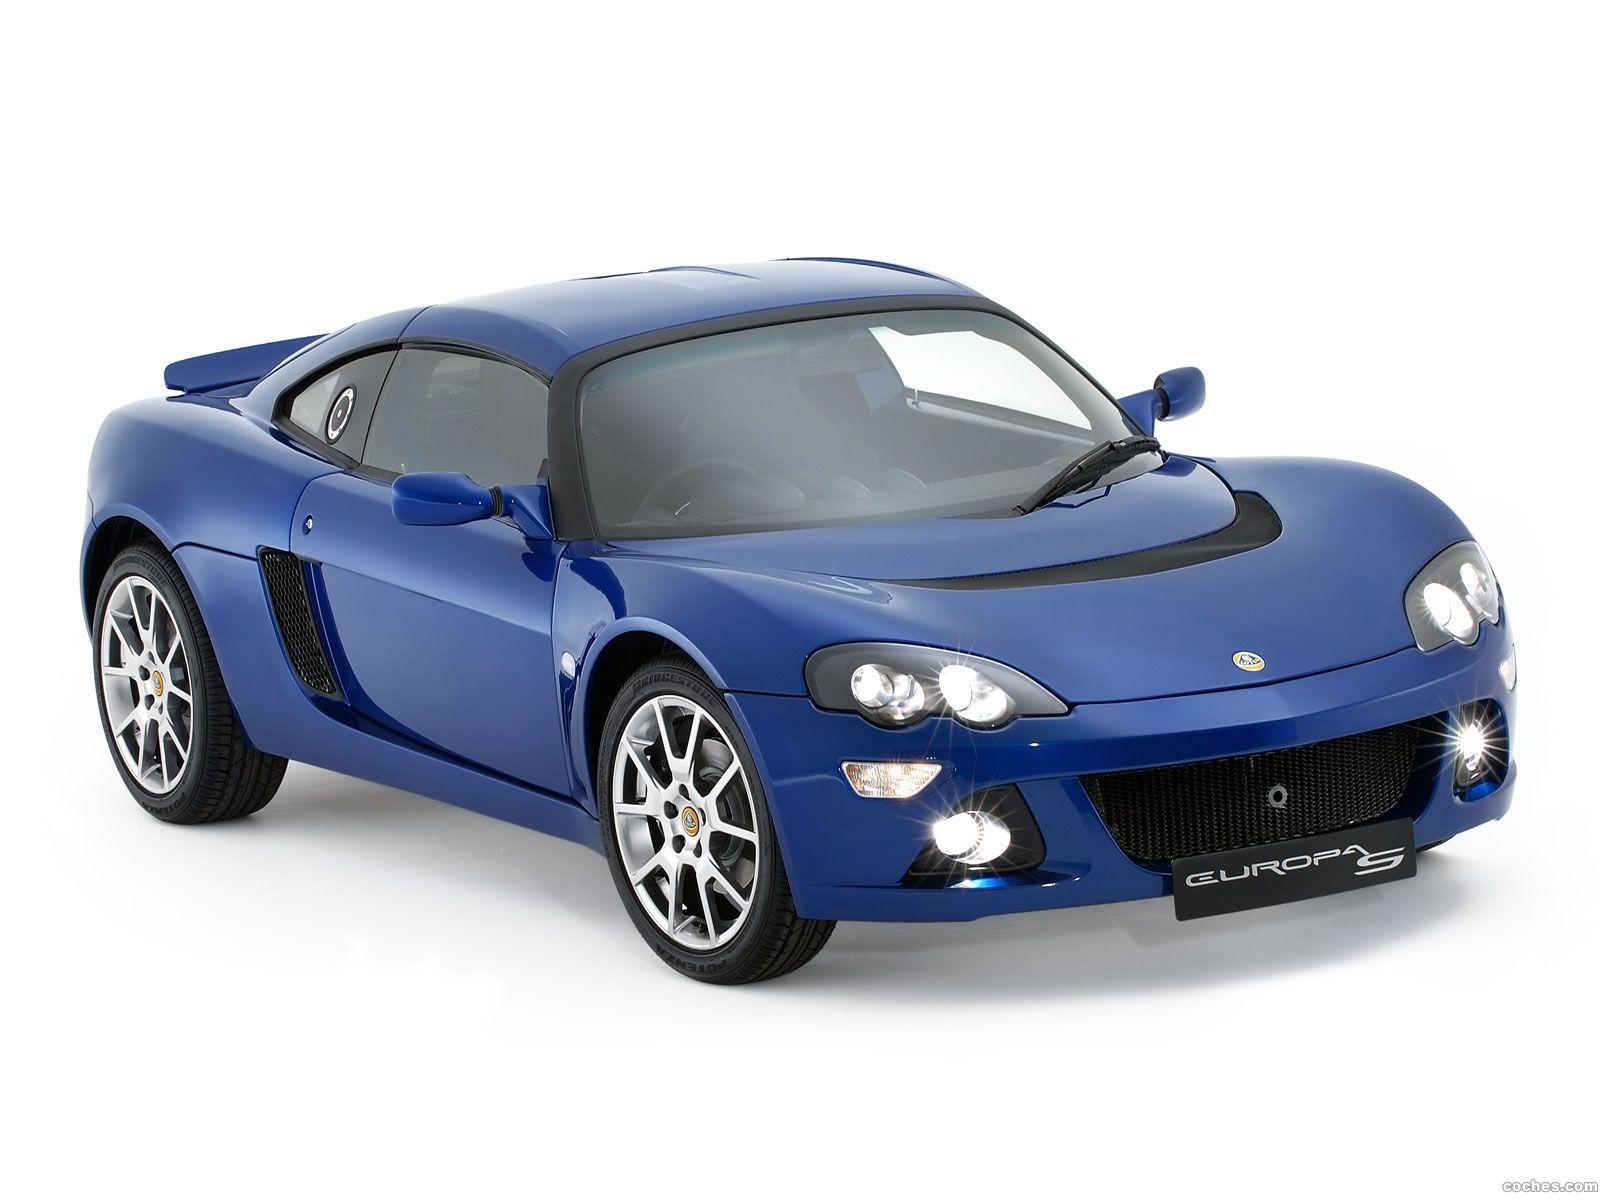 Foto 0 de Lotus Europa S 2006